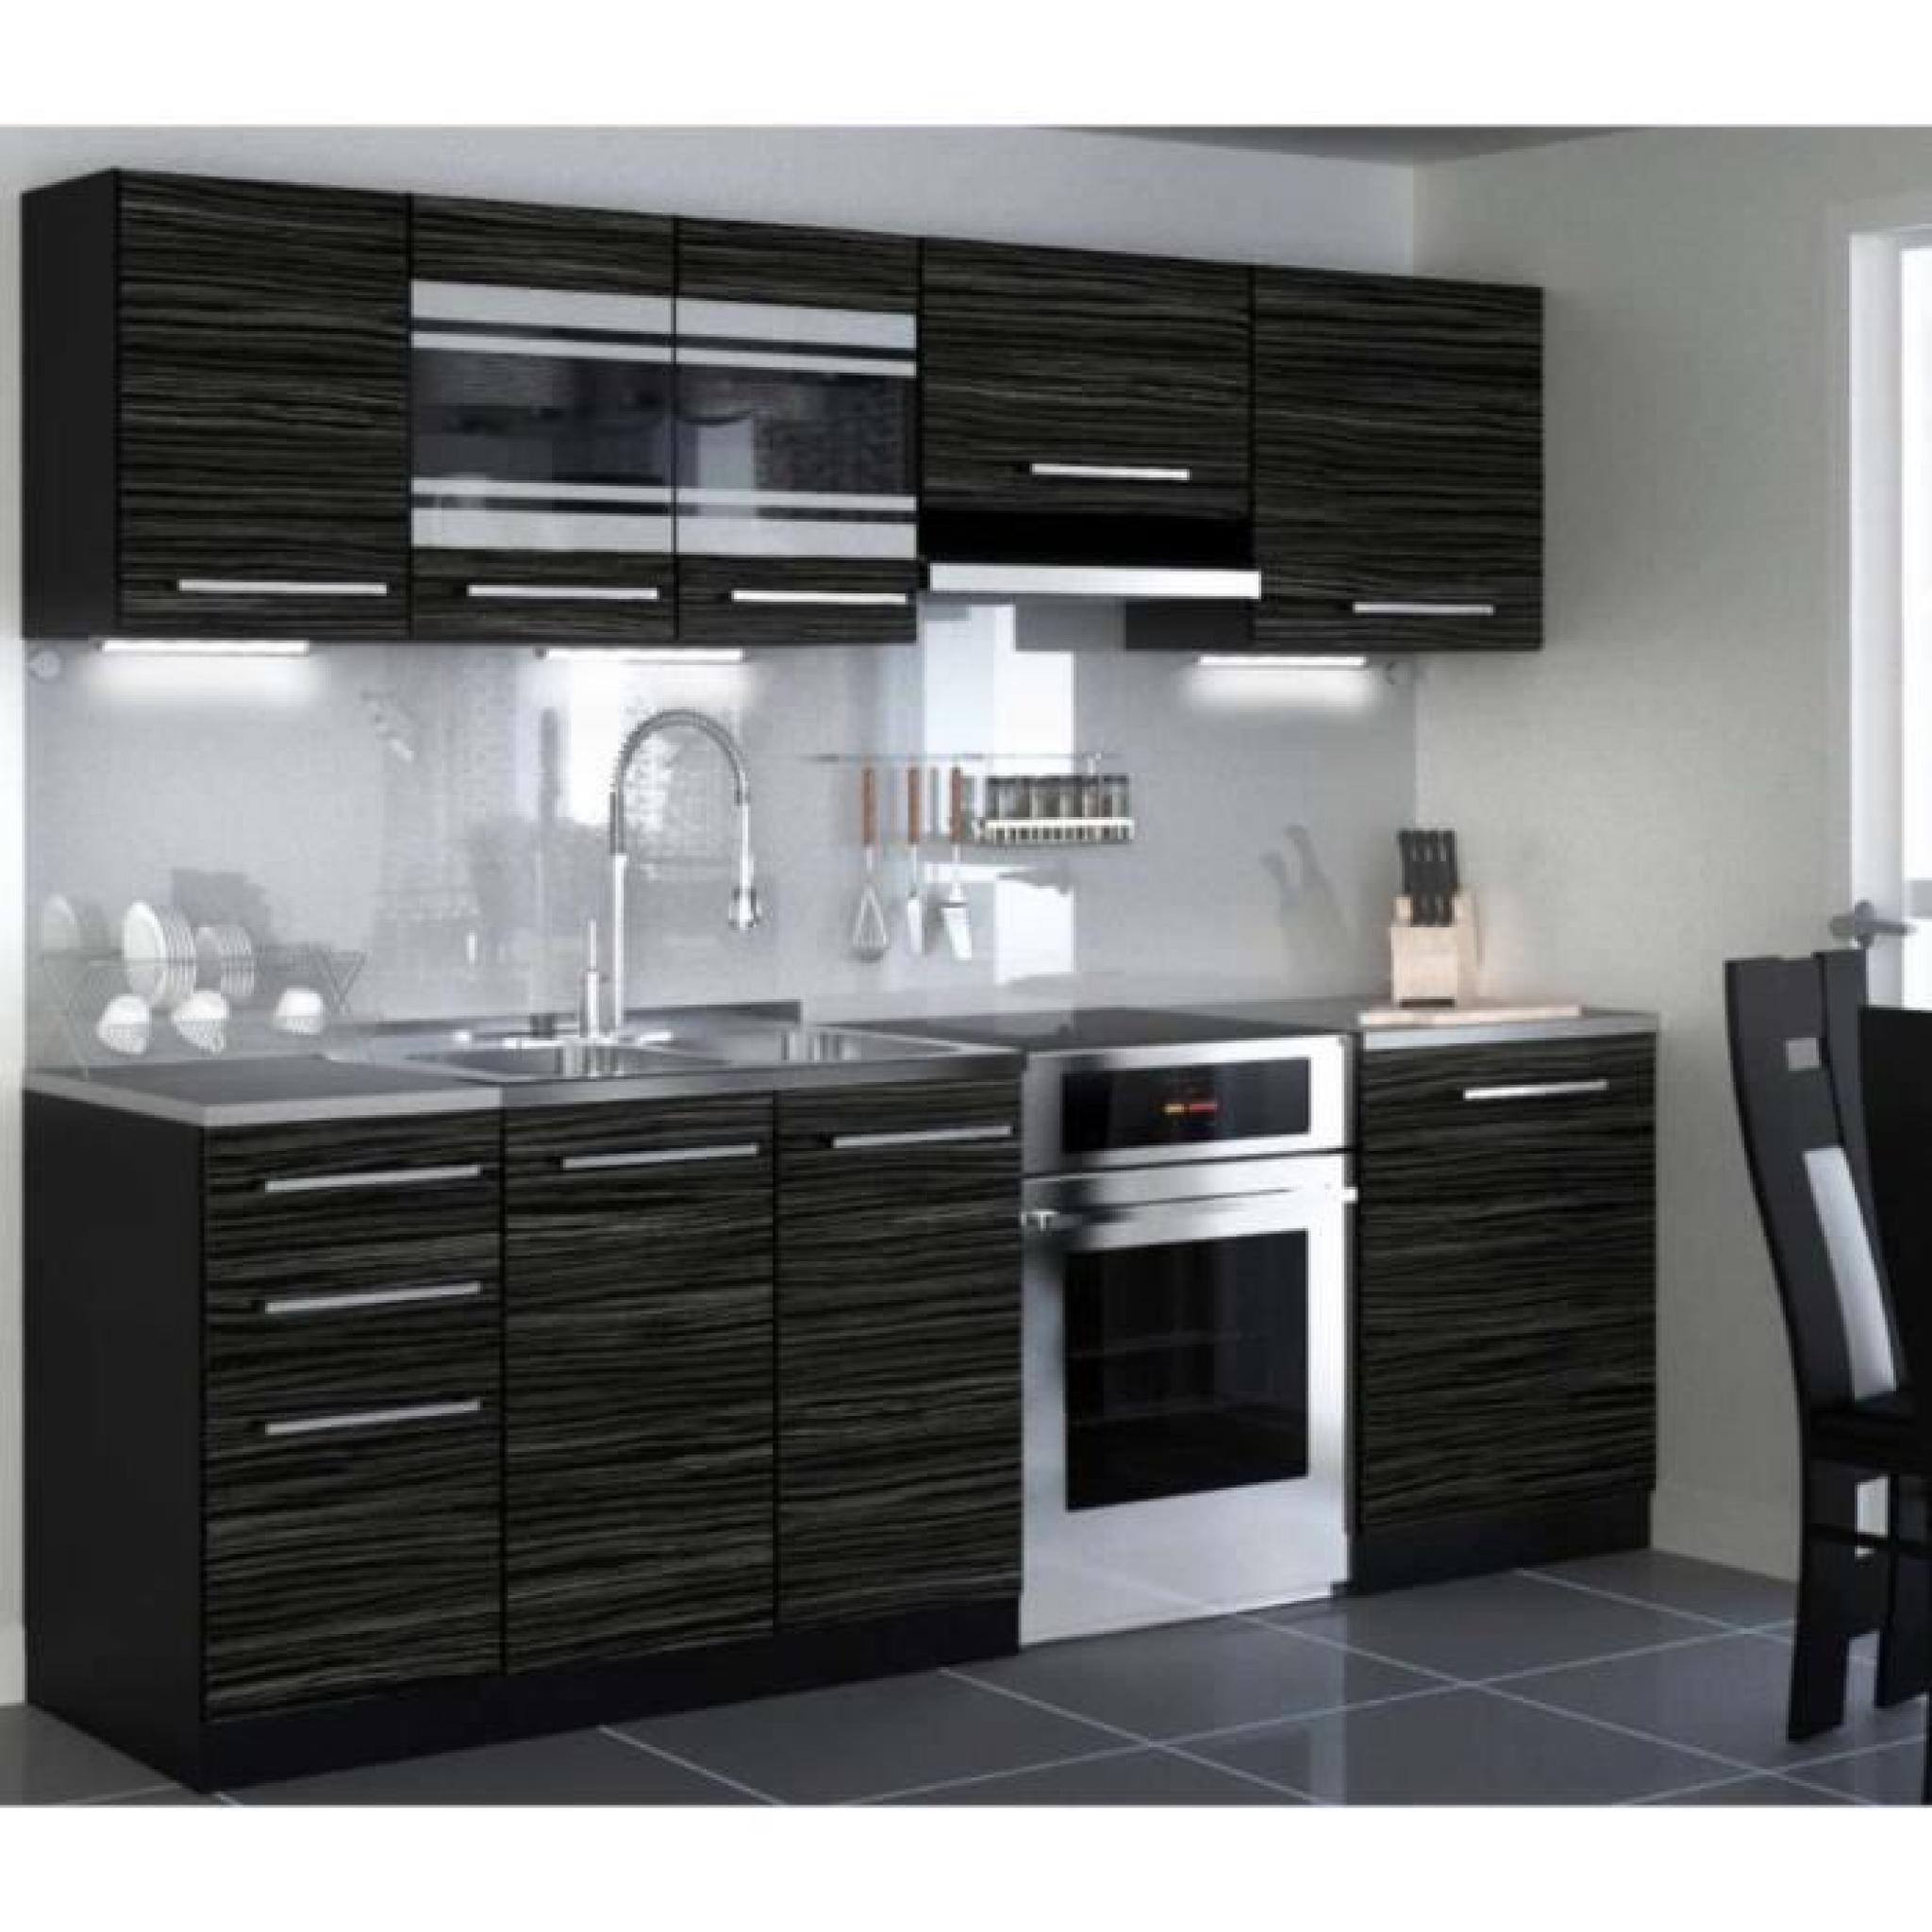 modele cuisine amenagee maison et mobilier d 39 int rieur. Black Bedroom Furniture Sets. Home Design Ideas